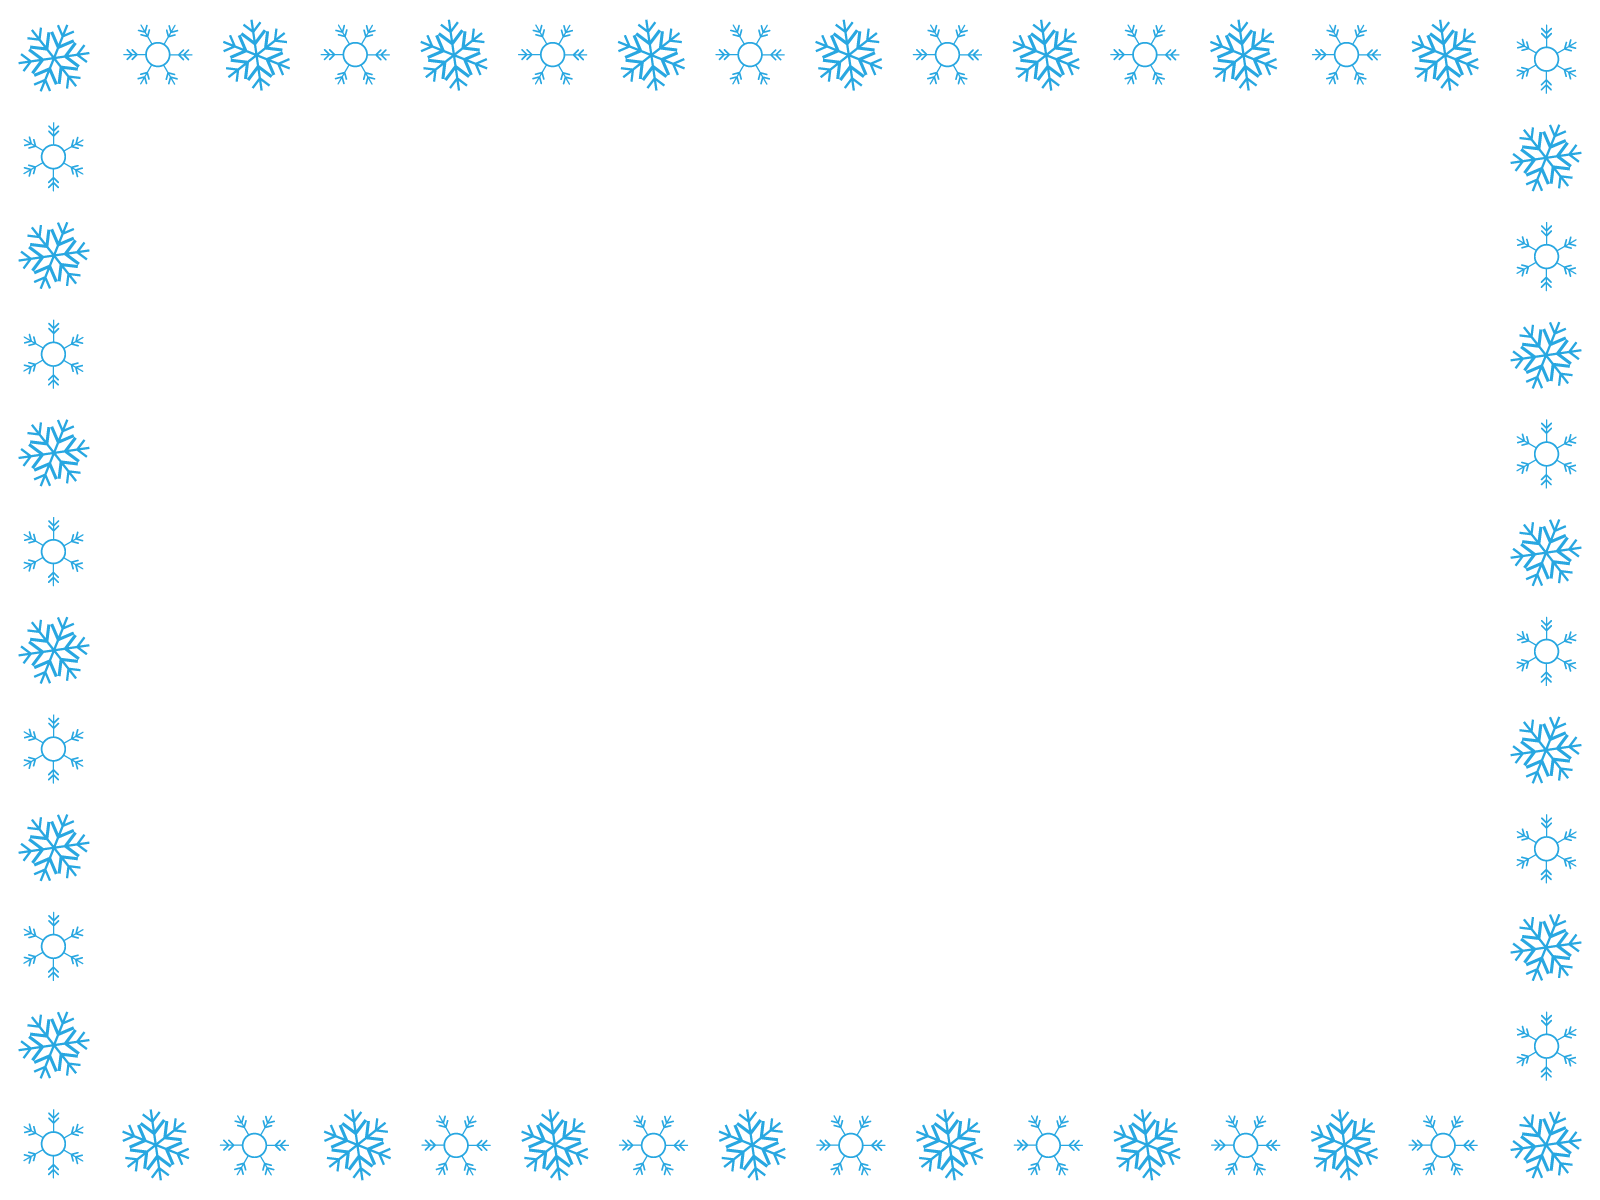 雪の結晶のフレーム枠イラスト画像素材4(フリー、無料)